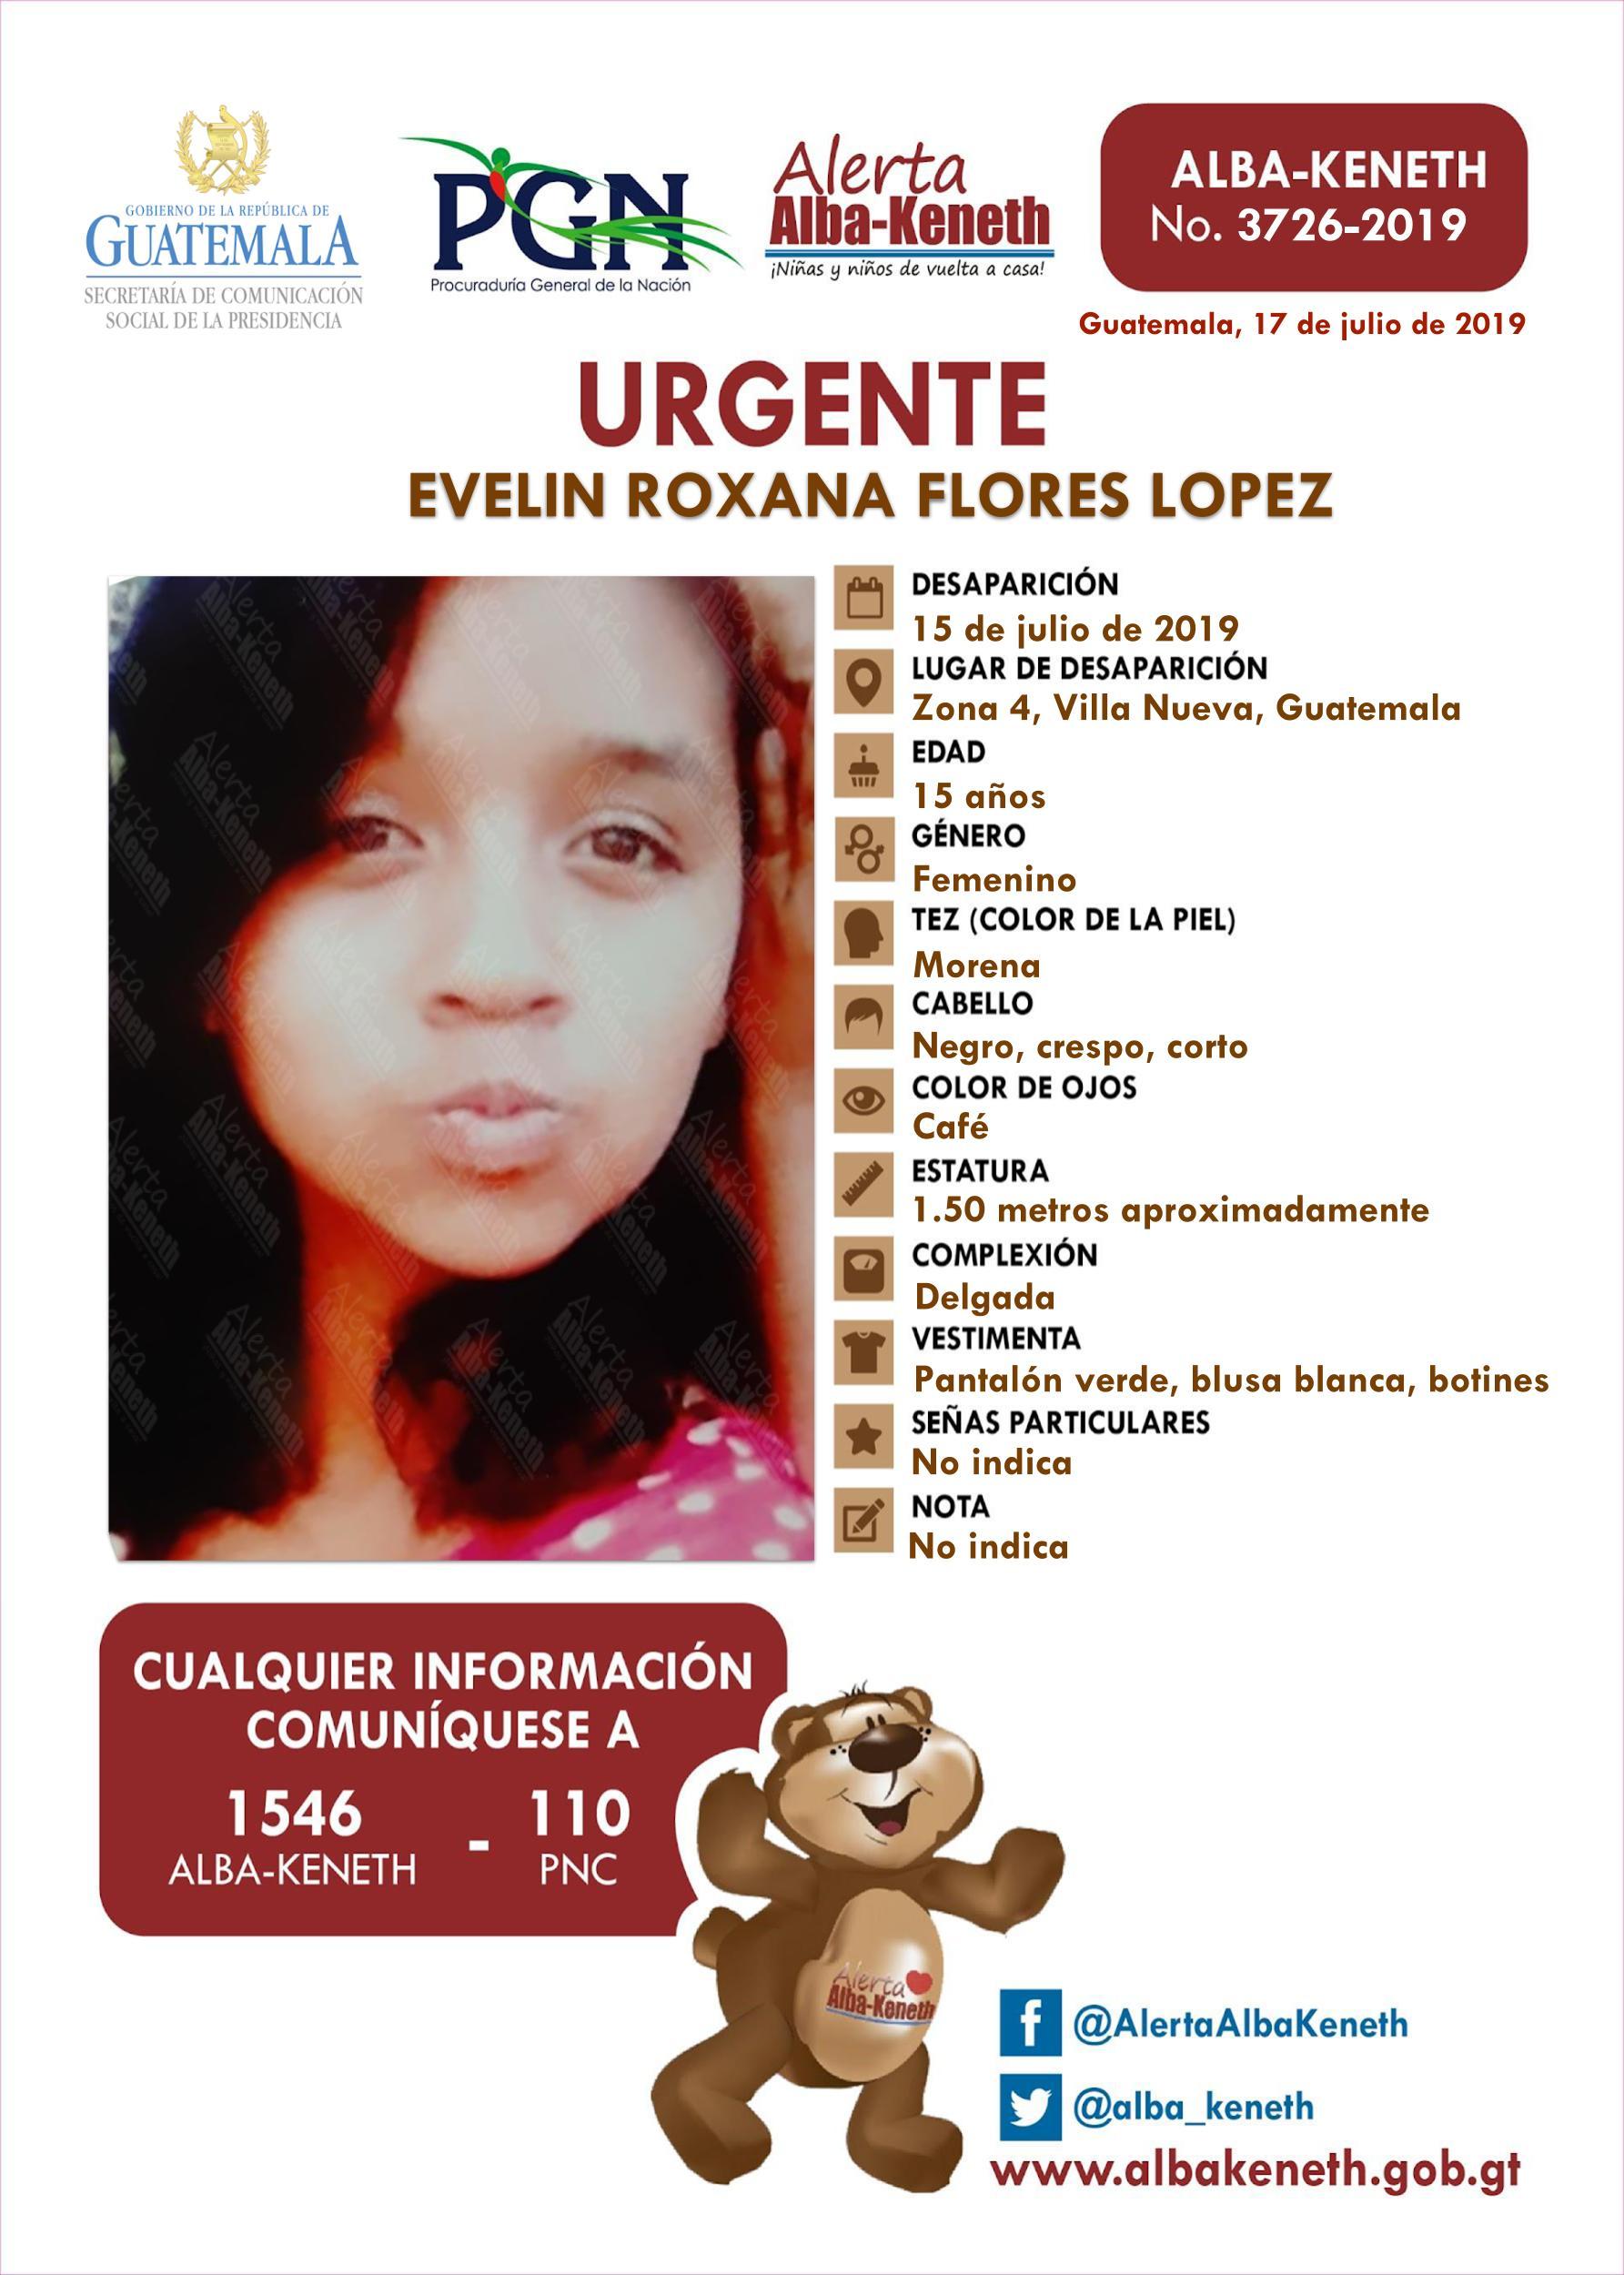 Evelin Roxana Flores Lopez